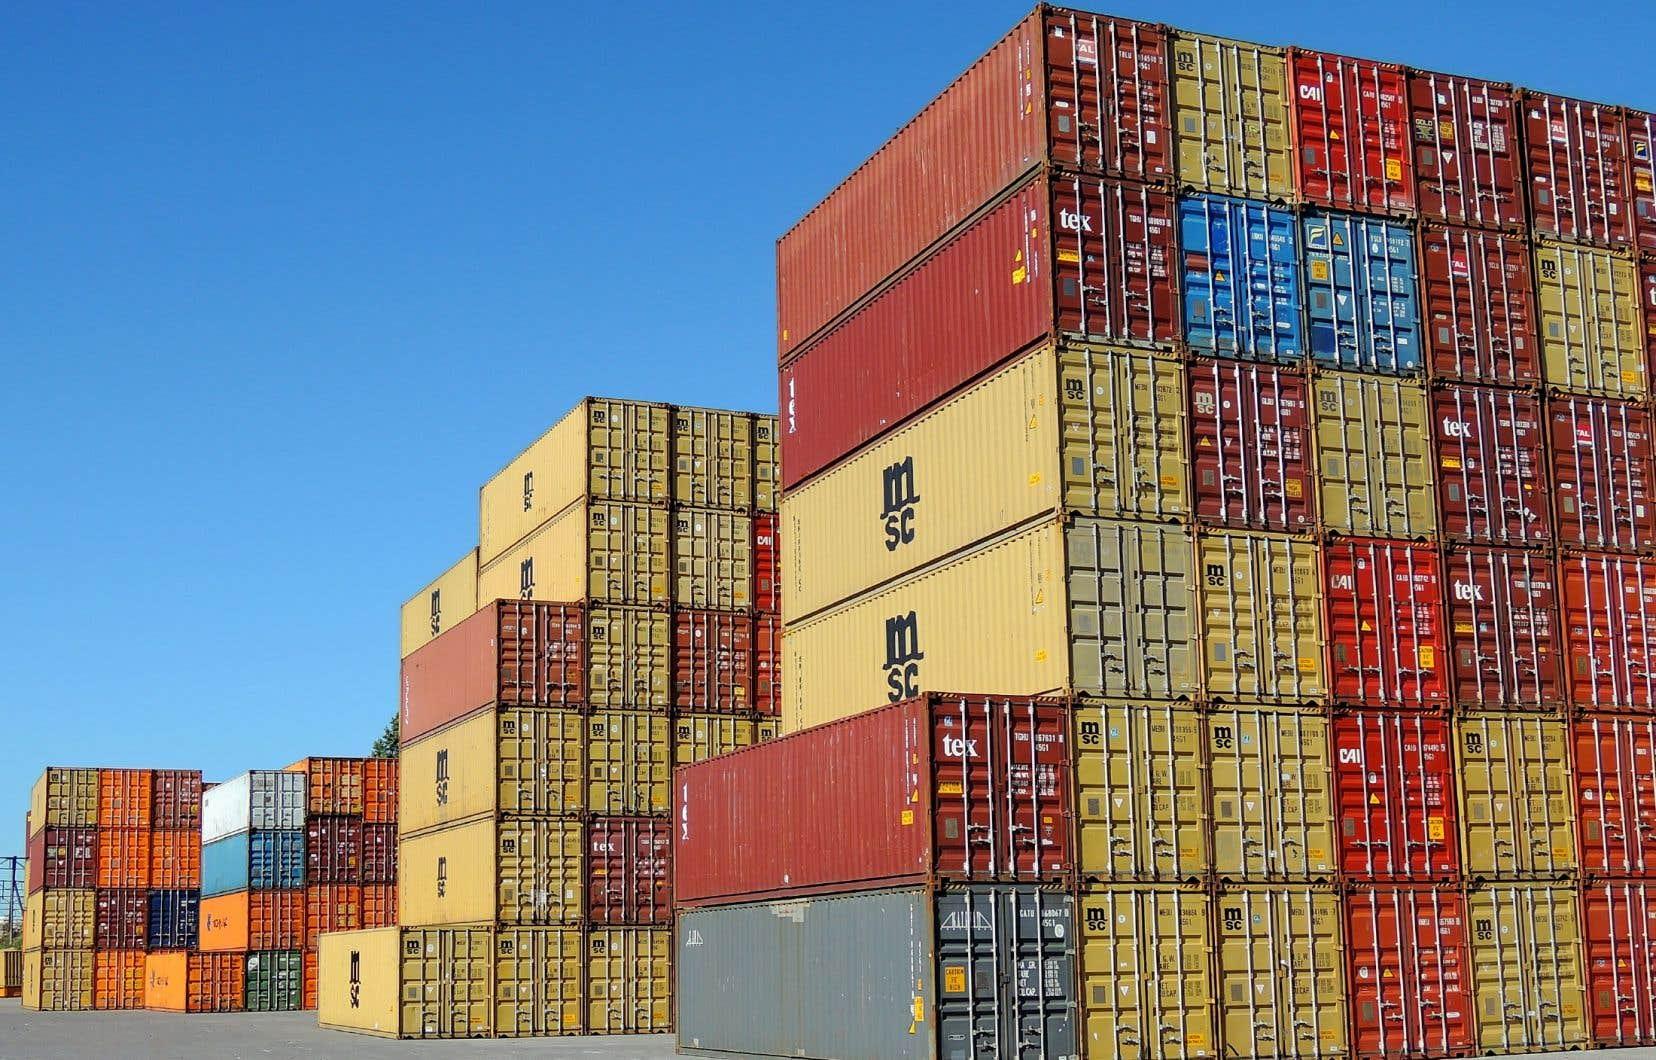 Les exportations de marchandises ont diminué de 4,7% pour se chiffrer à 46,3 milliards, ce qui représente la valeur la plus faible depuis janvier 2018.